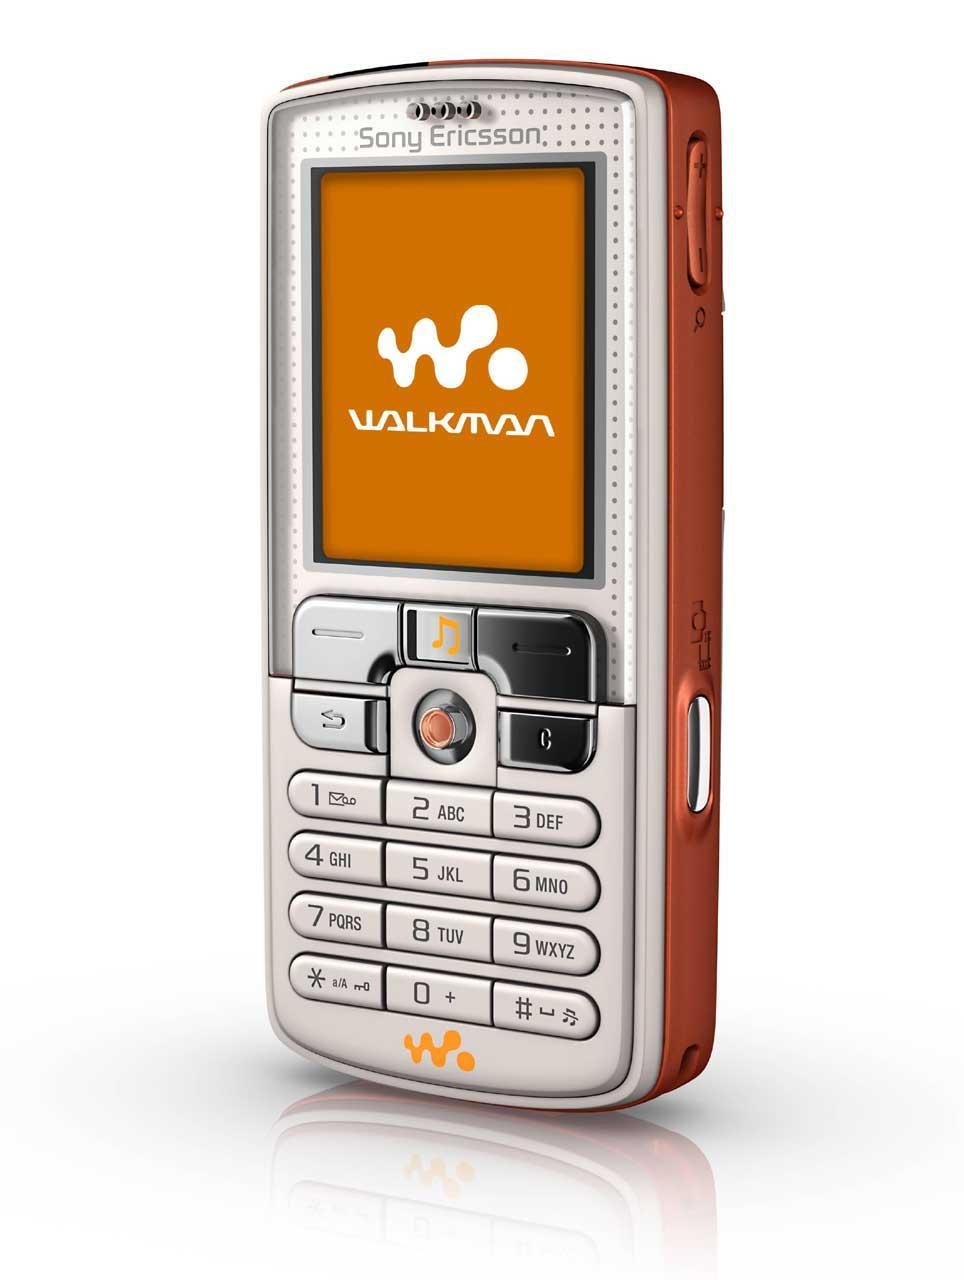 Sony Ericsson w800 ble populær på grunn av sin gode musikkspiller.